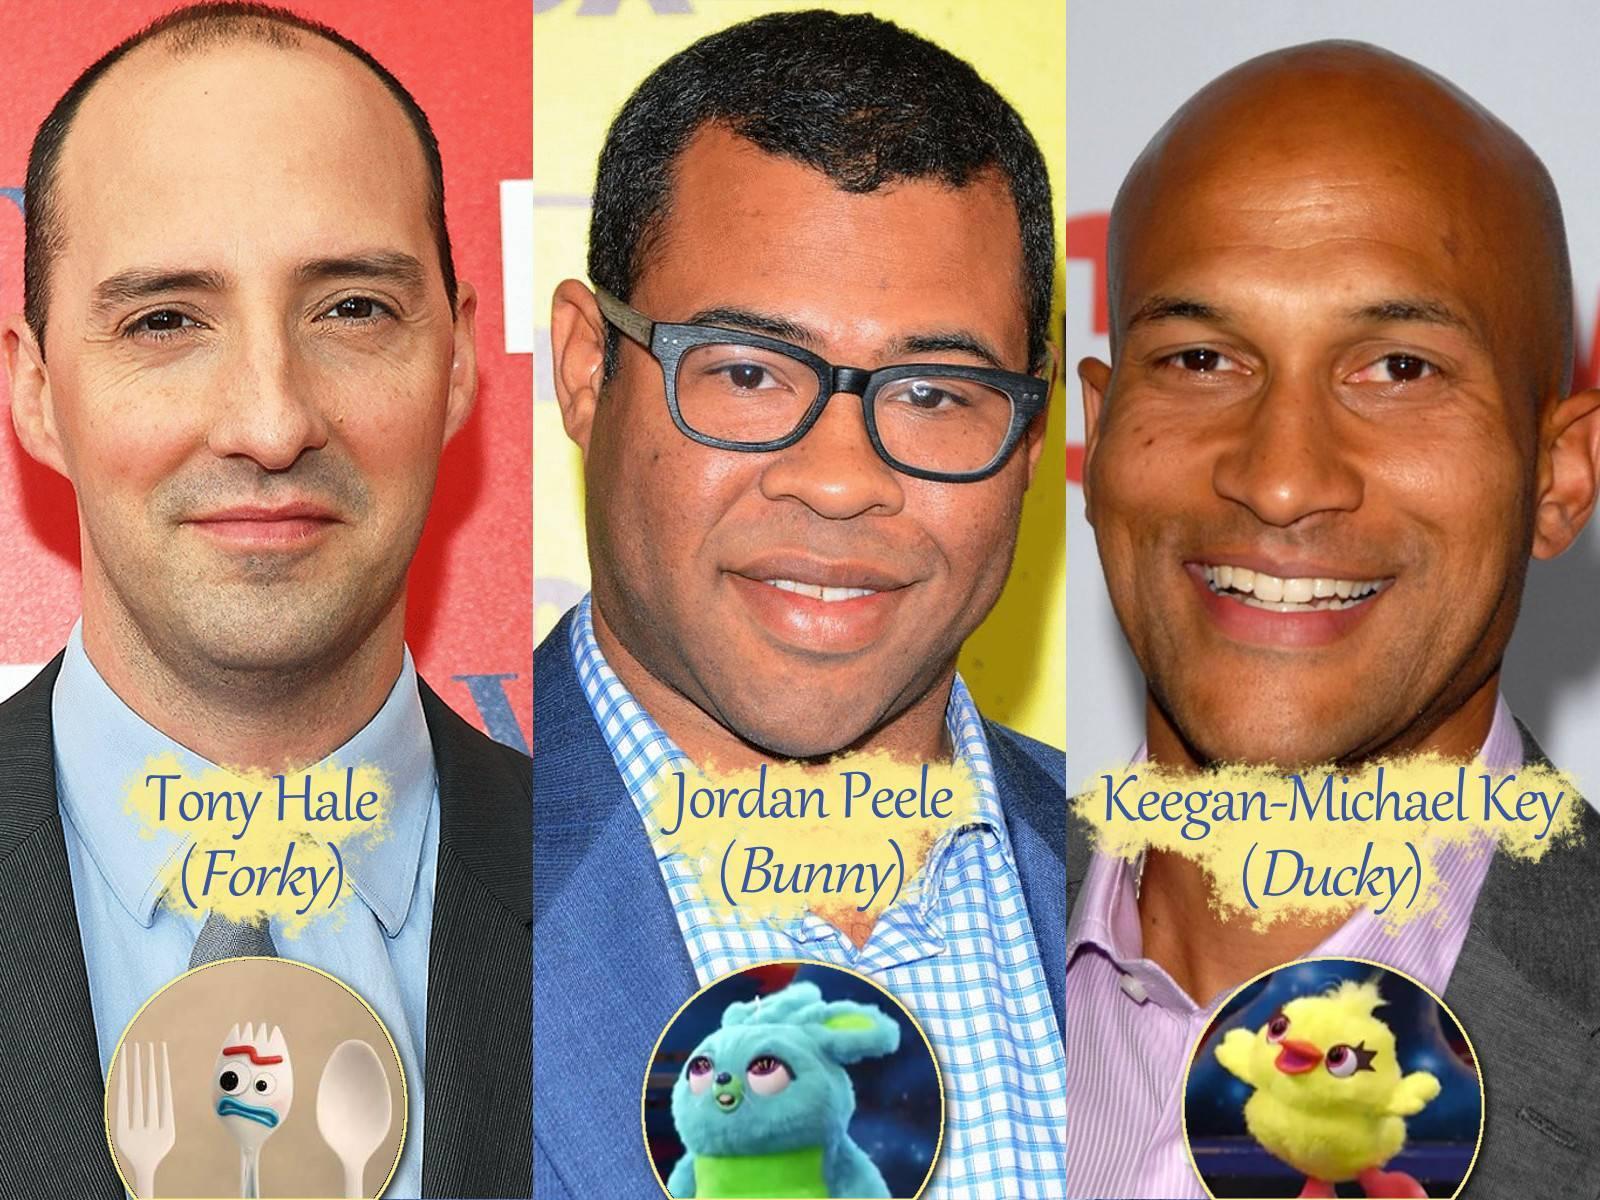 I volti dei doppiatori dei nuovi personaggi di Toy Story 4.